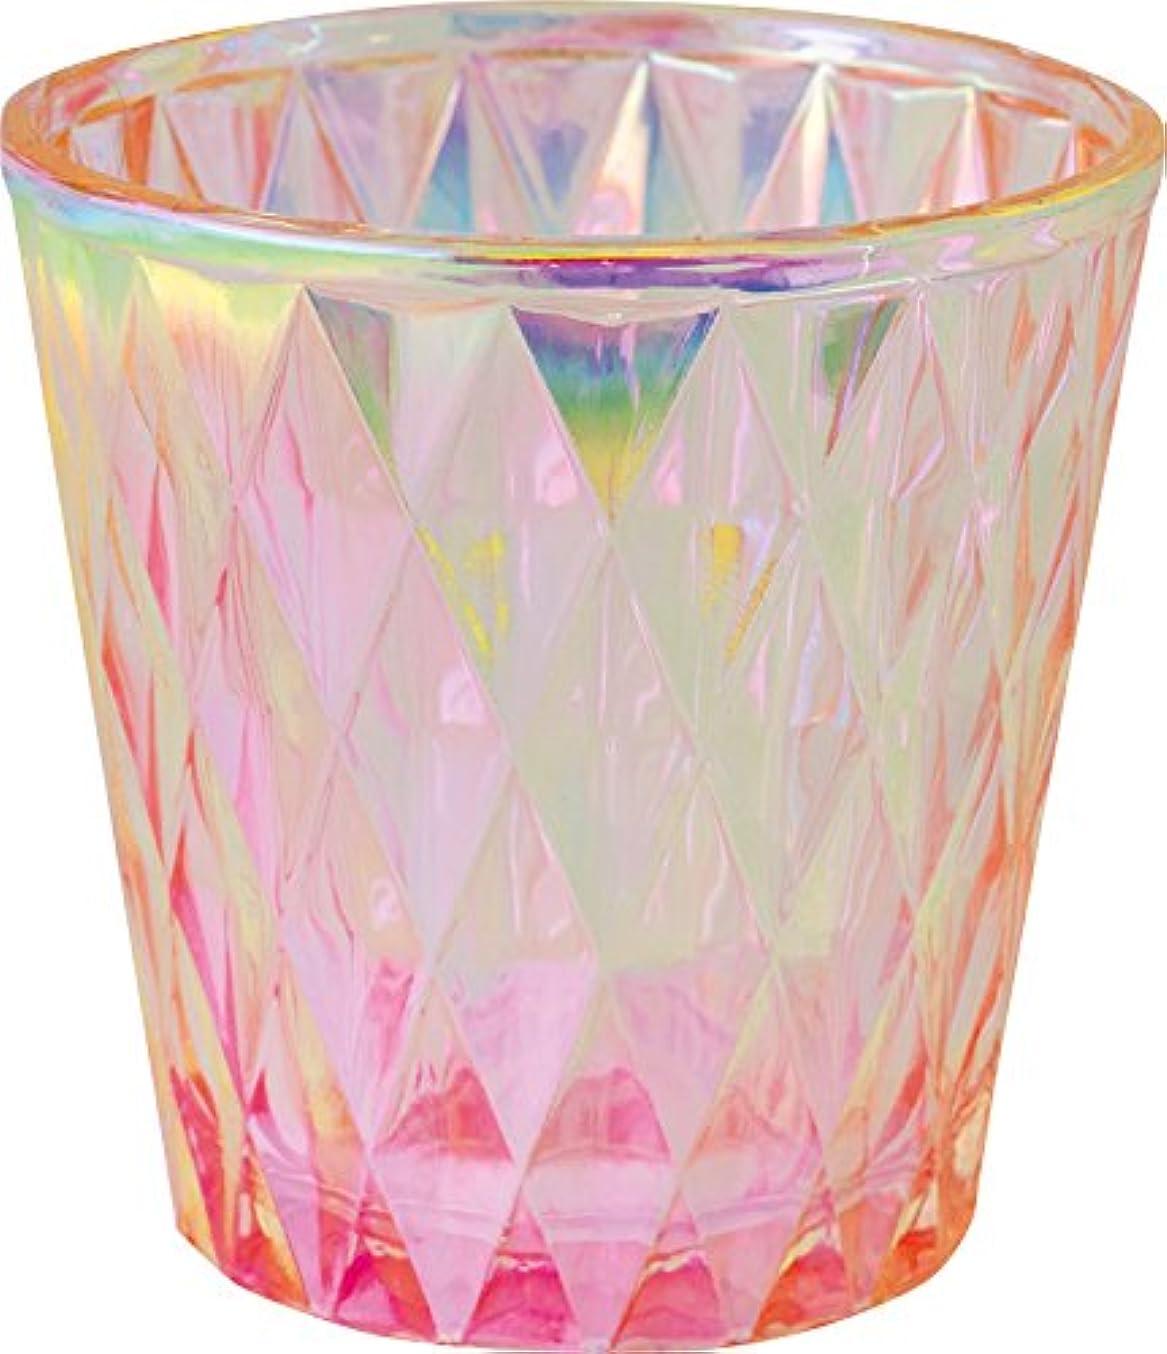 もろい三角形ロック解除カメヤマキャンドルハウス オーロラダイヤグラス キャンドルフォルダー ピンク